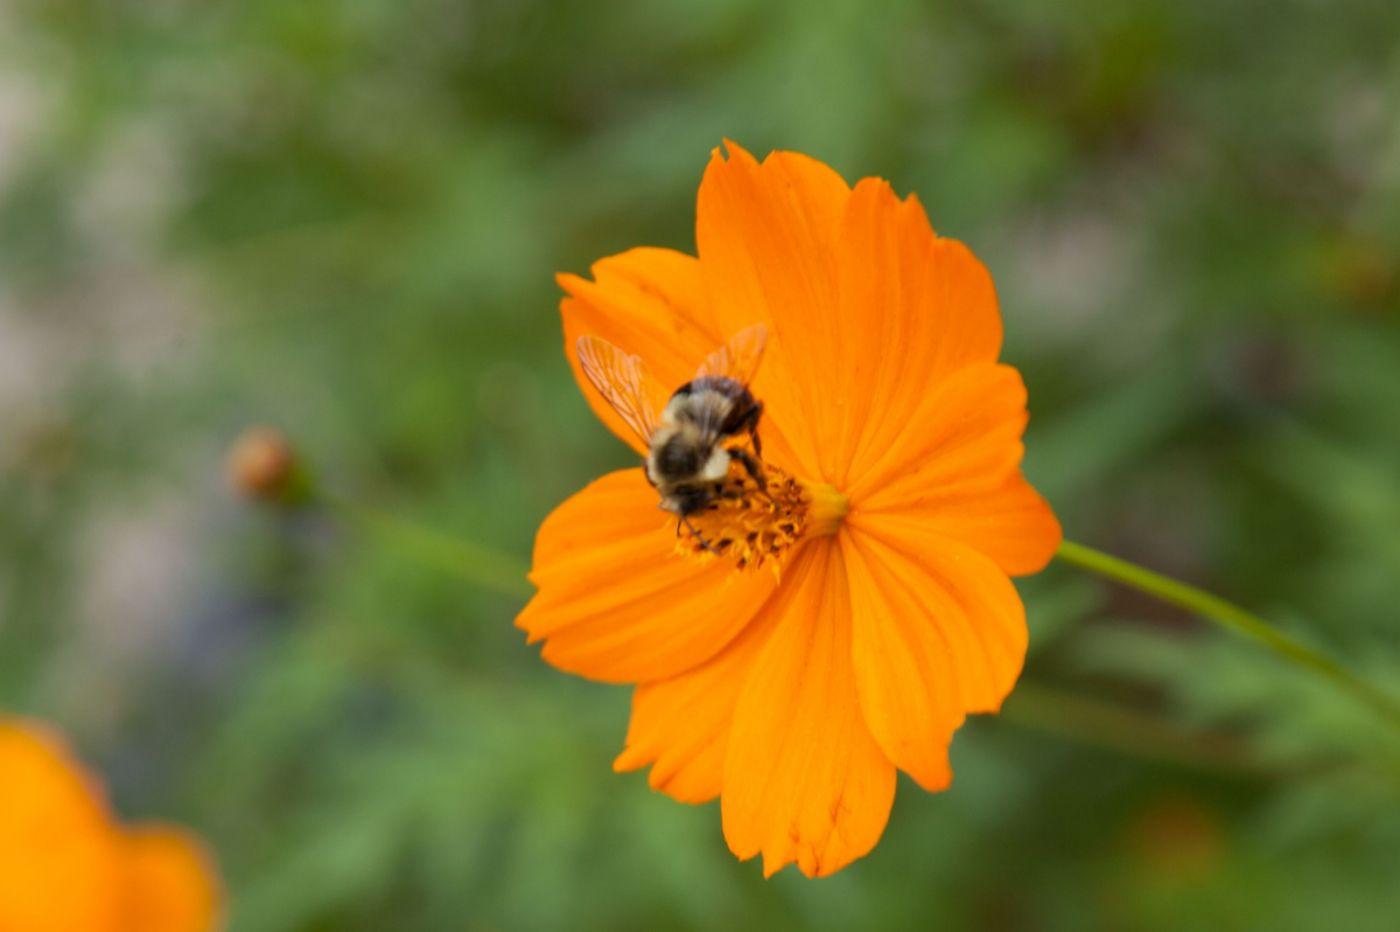 蜂在花丛中_图1-5